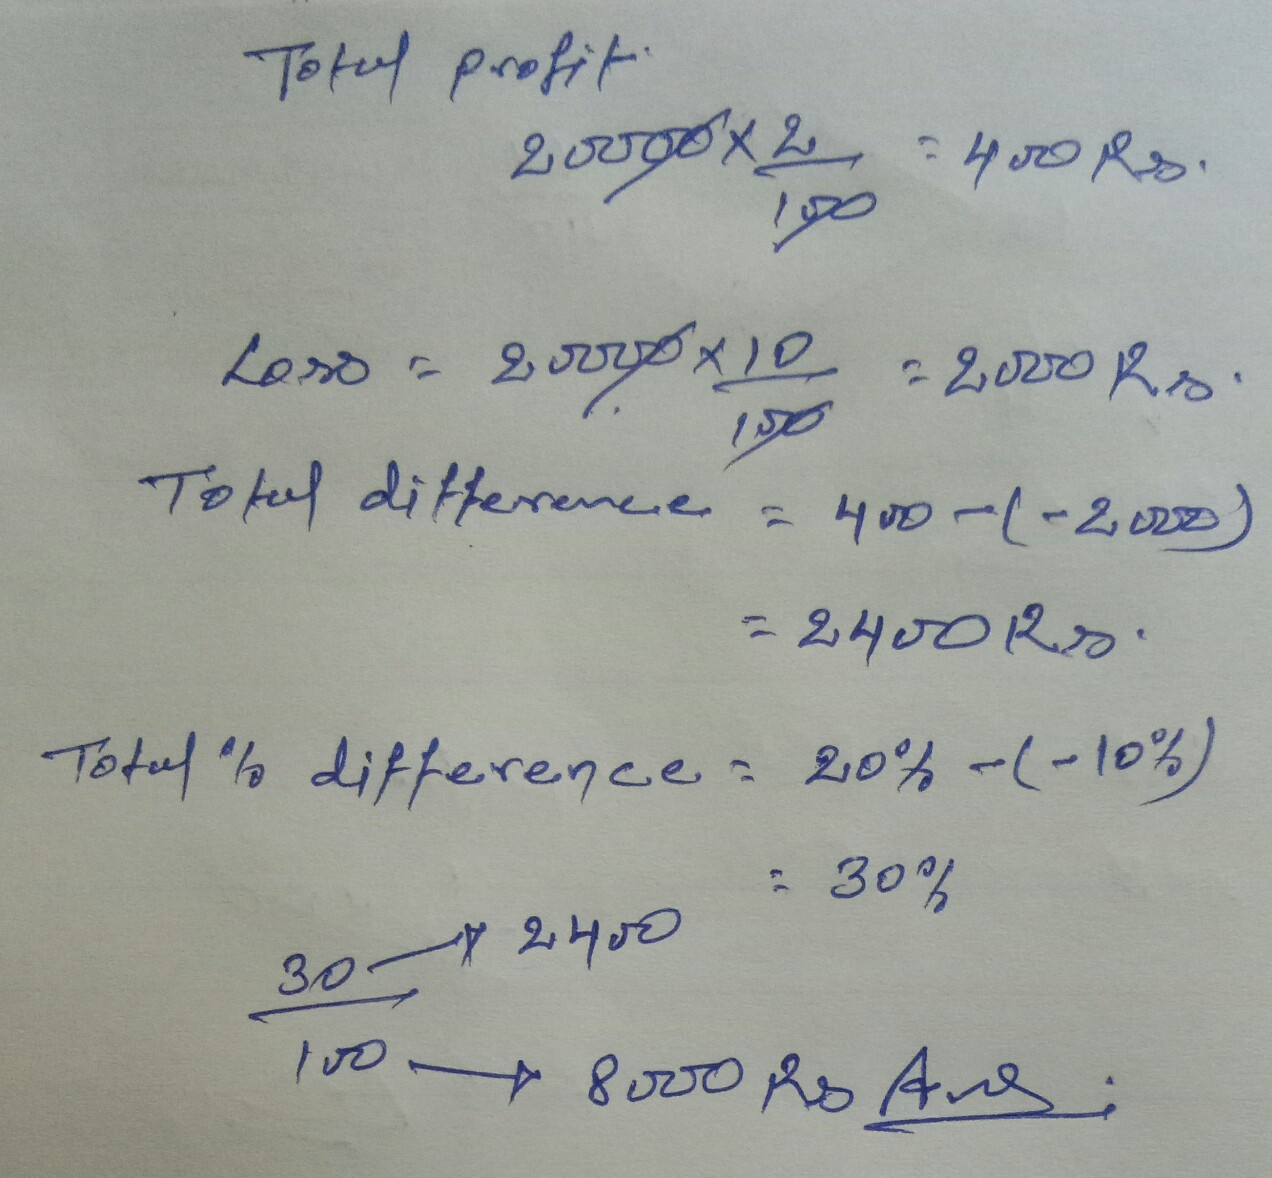 एक व्यक्ति ने एक घोडा तथा एक गाड़ी ₹20000 में खरीदी उसने घोड़े को 20% लाभ पर तथा गाड़ी को 10% हानि पर बेच दिया इस प्रकार से उसे कुल सौदे में 2% का लाभ हुआ घोड़े का क्रय मूल्य कितना है?